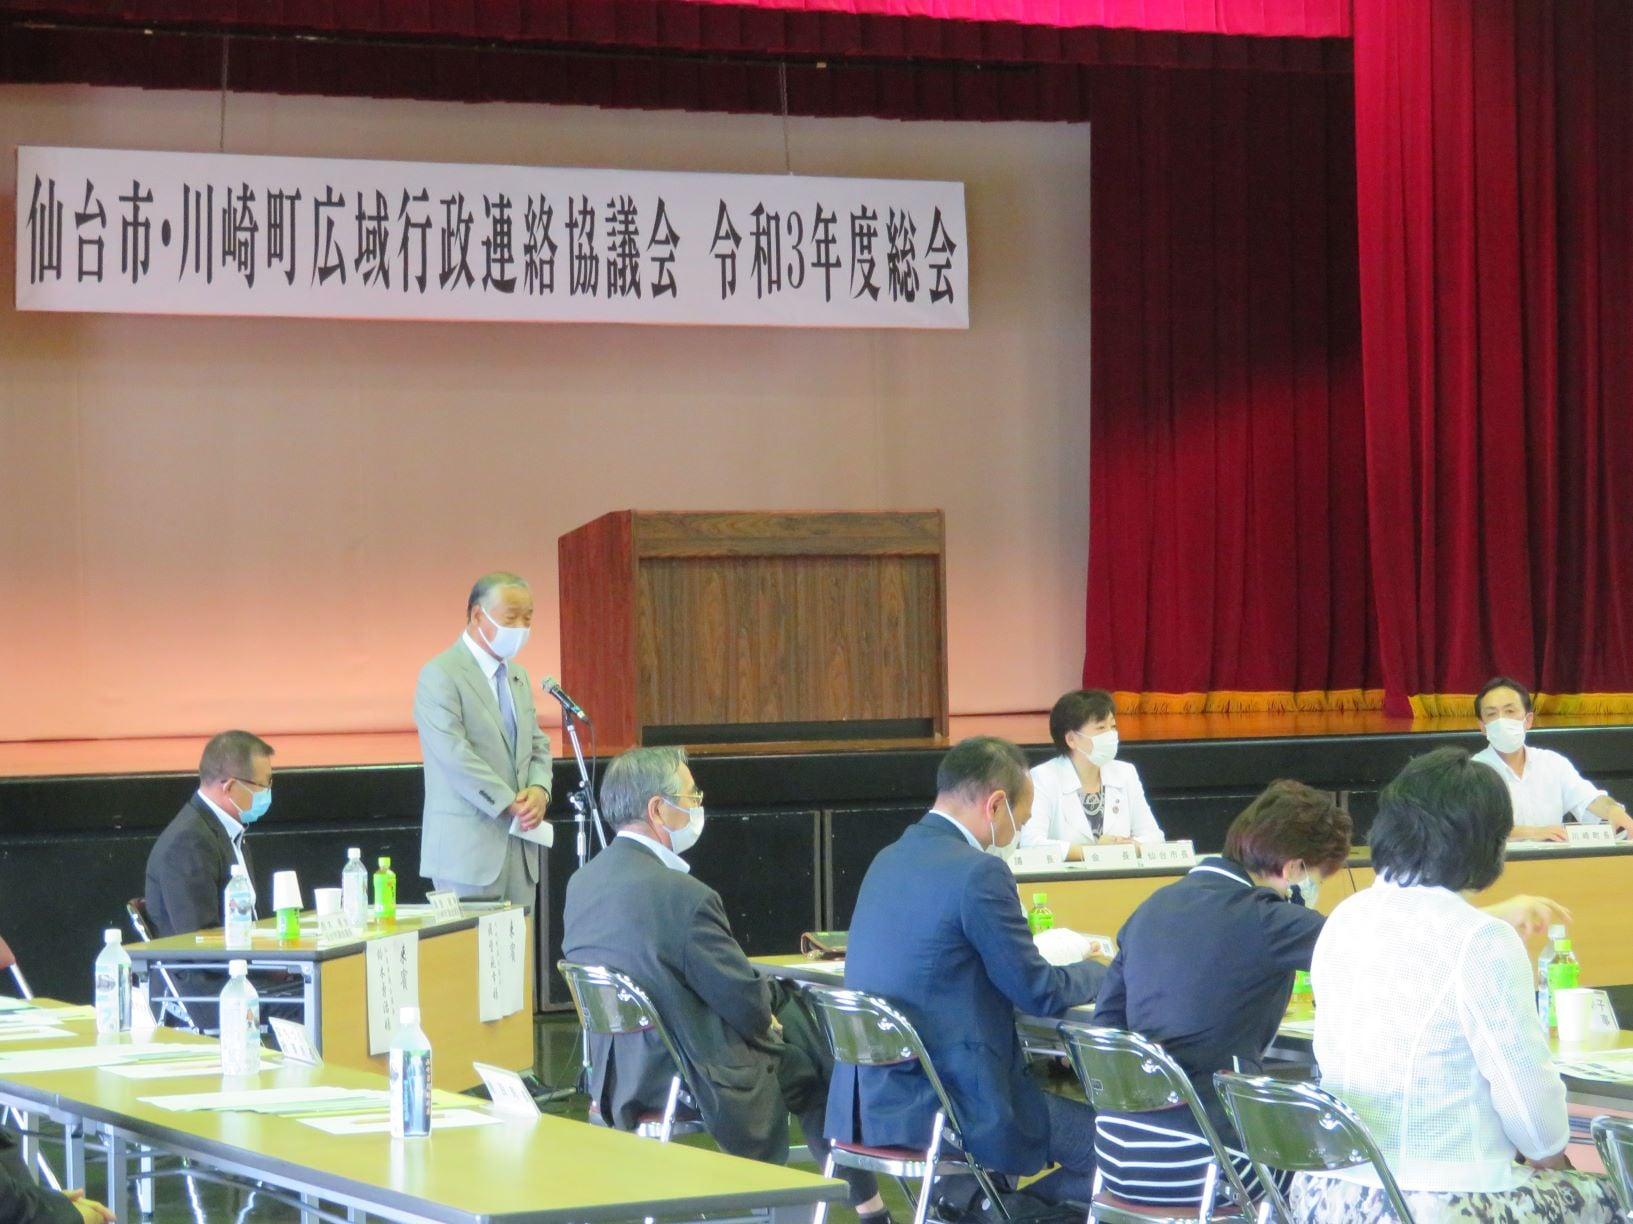 令和3年7月16日 仙台市・川崎町広域行政協議会が開催